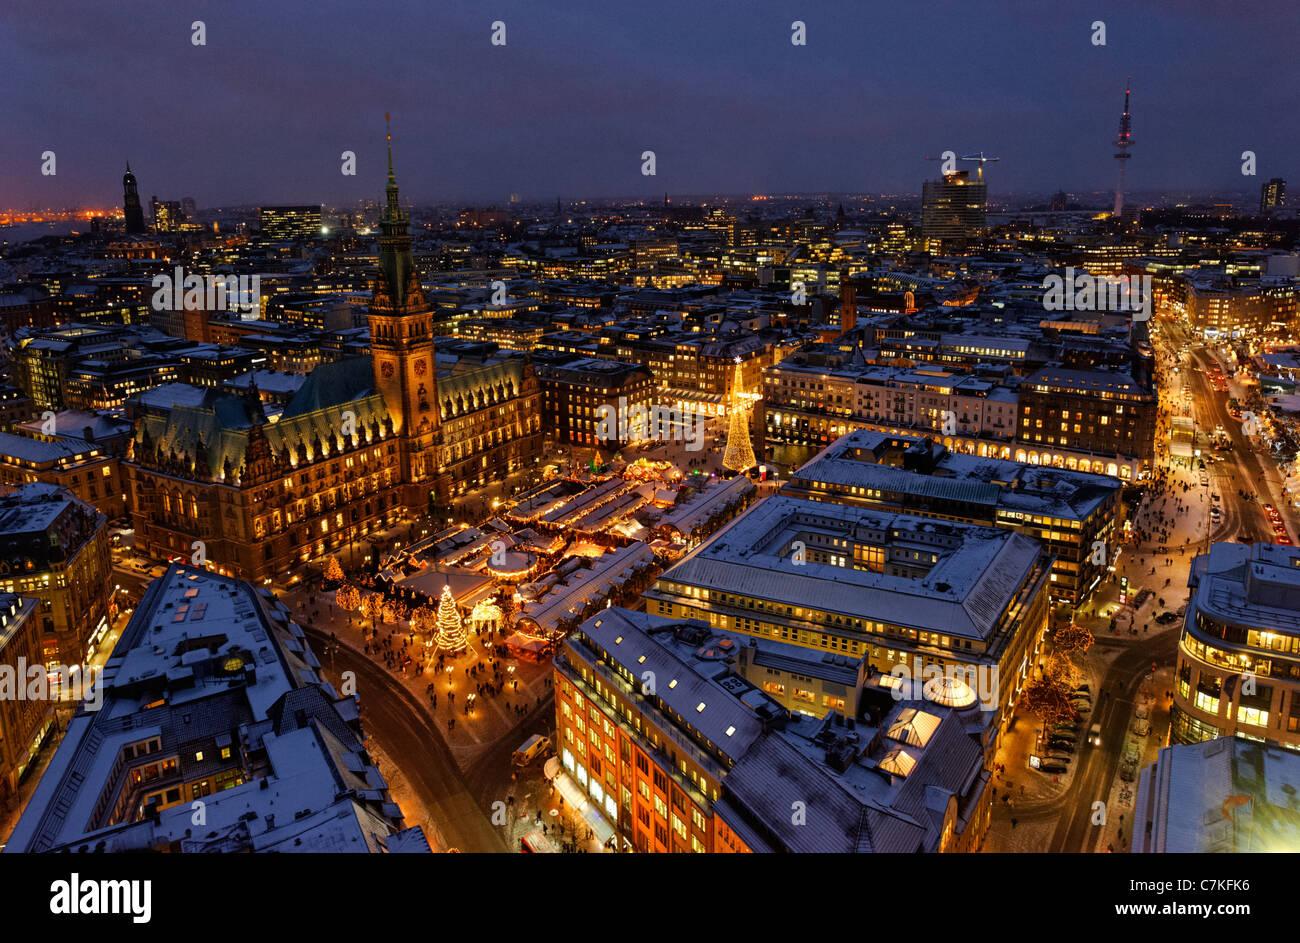 Hamburger Weihnachtsmarkt.Traditionelle Hamburger Weihnachtsmarkt Rathaus Rathausmarkt